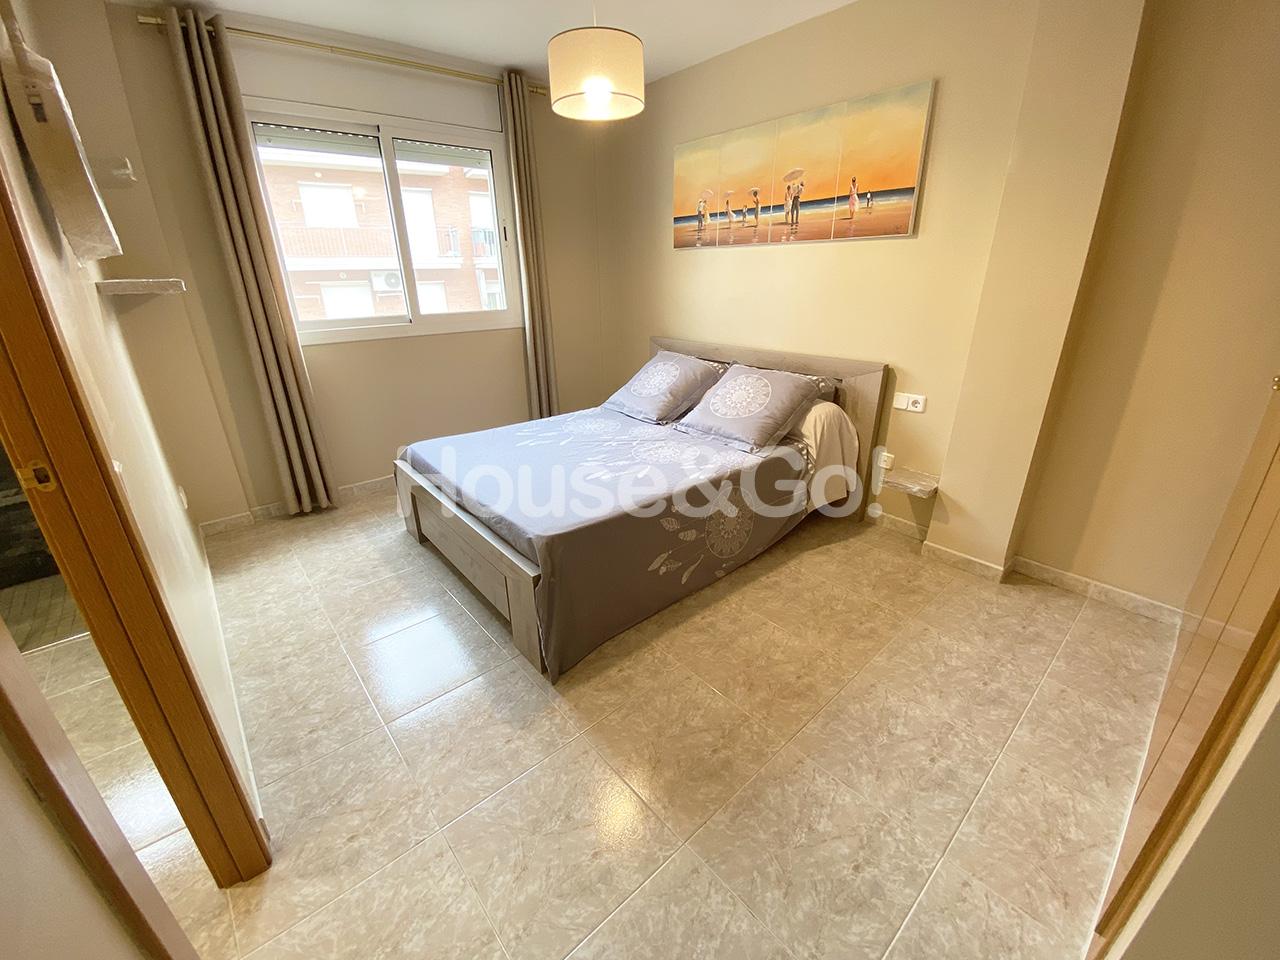 Piso  Malgrat de mar - av. paisos catalans. Piso semi-nuevo de 3 dormitorios con gran patio.